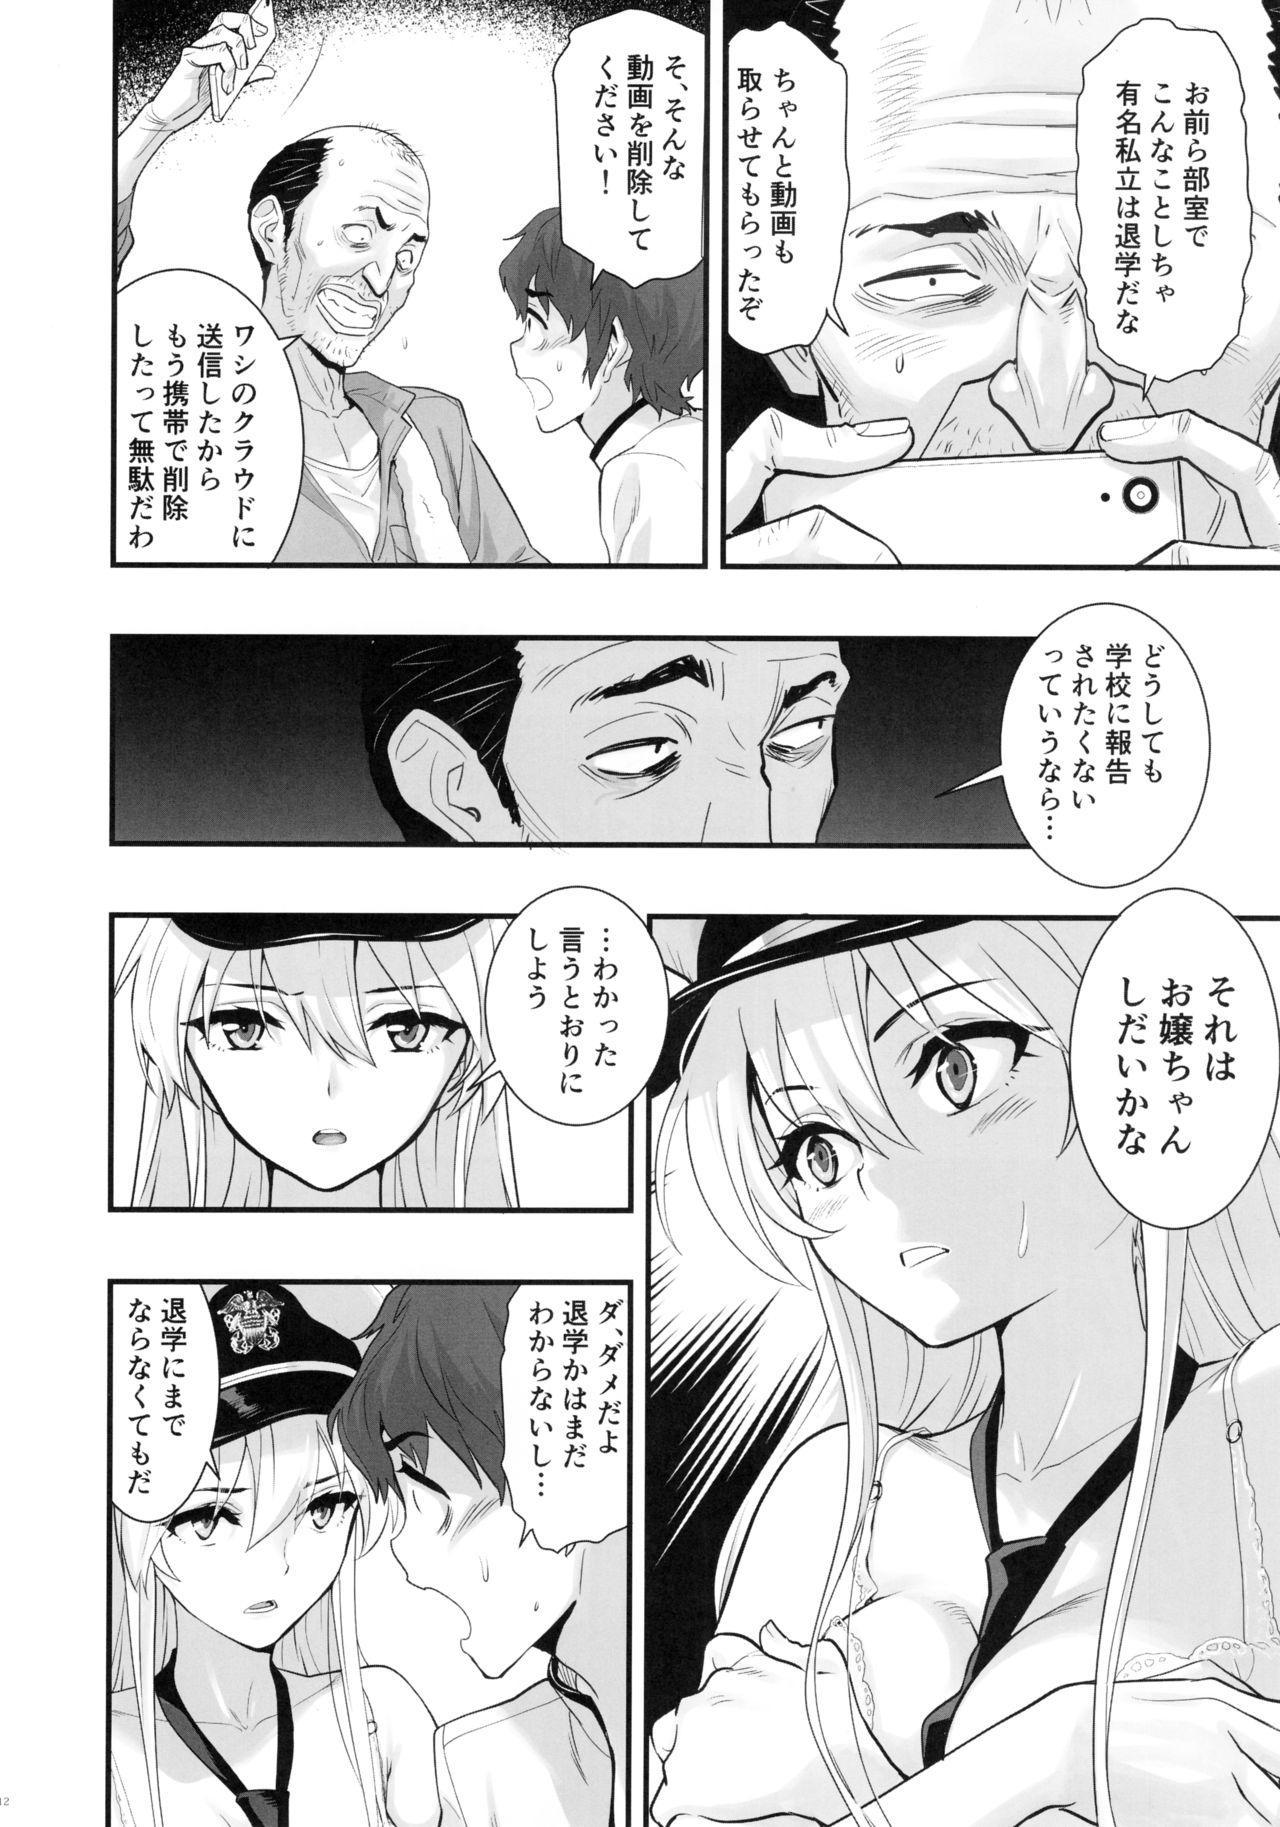 Boku no Kanojo wa Enterprise 10